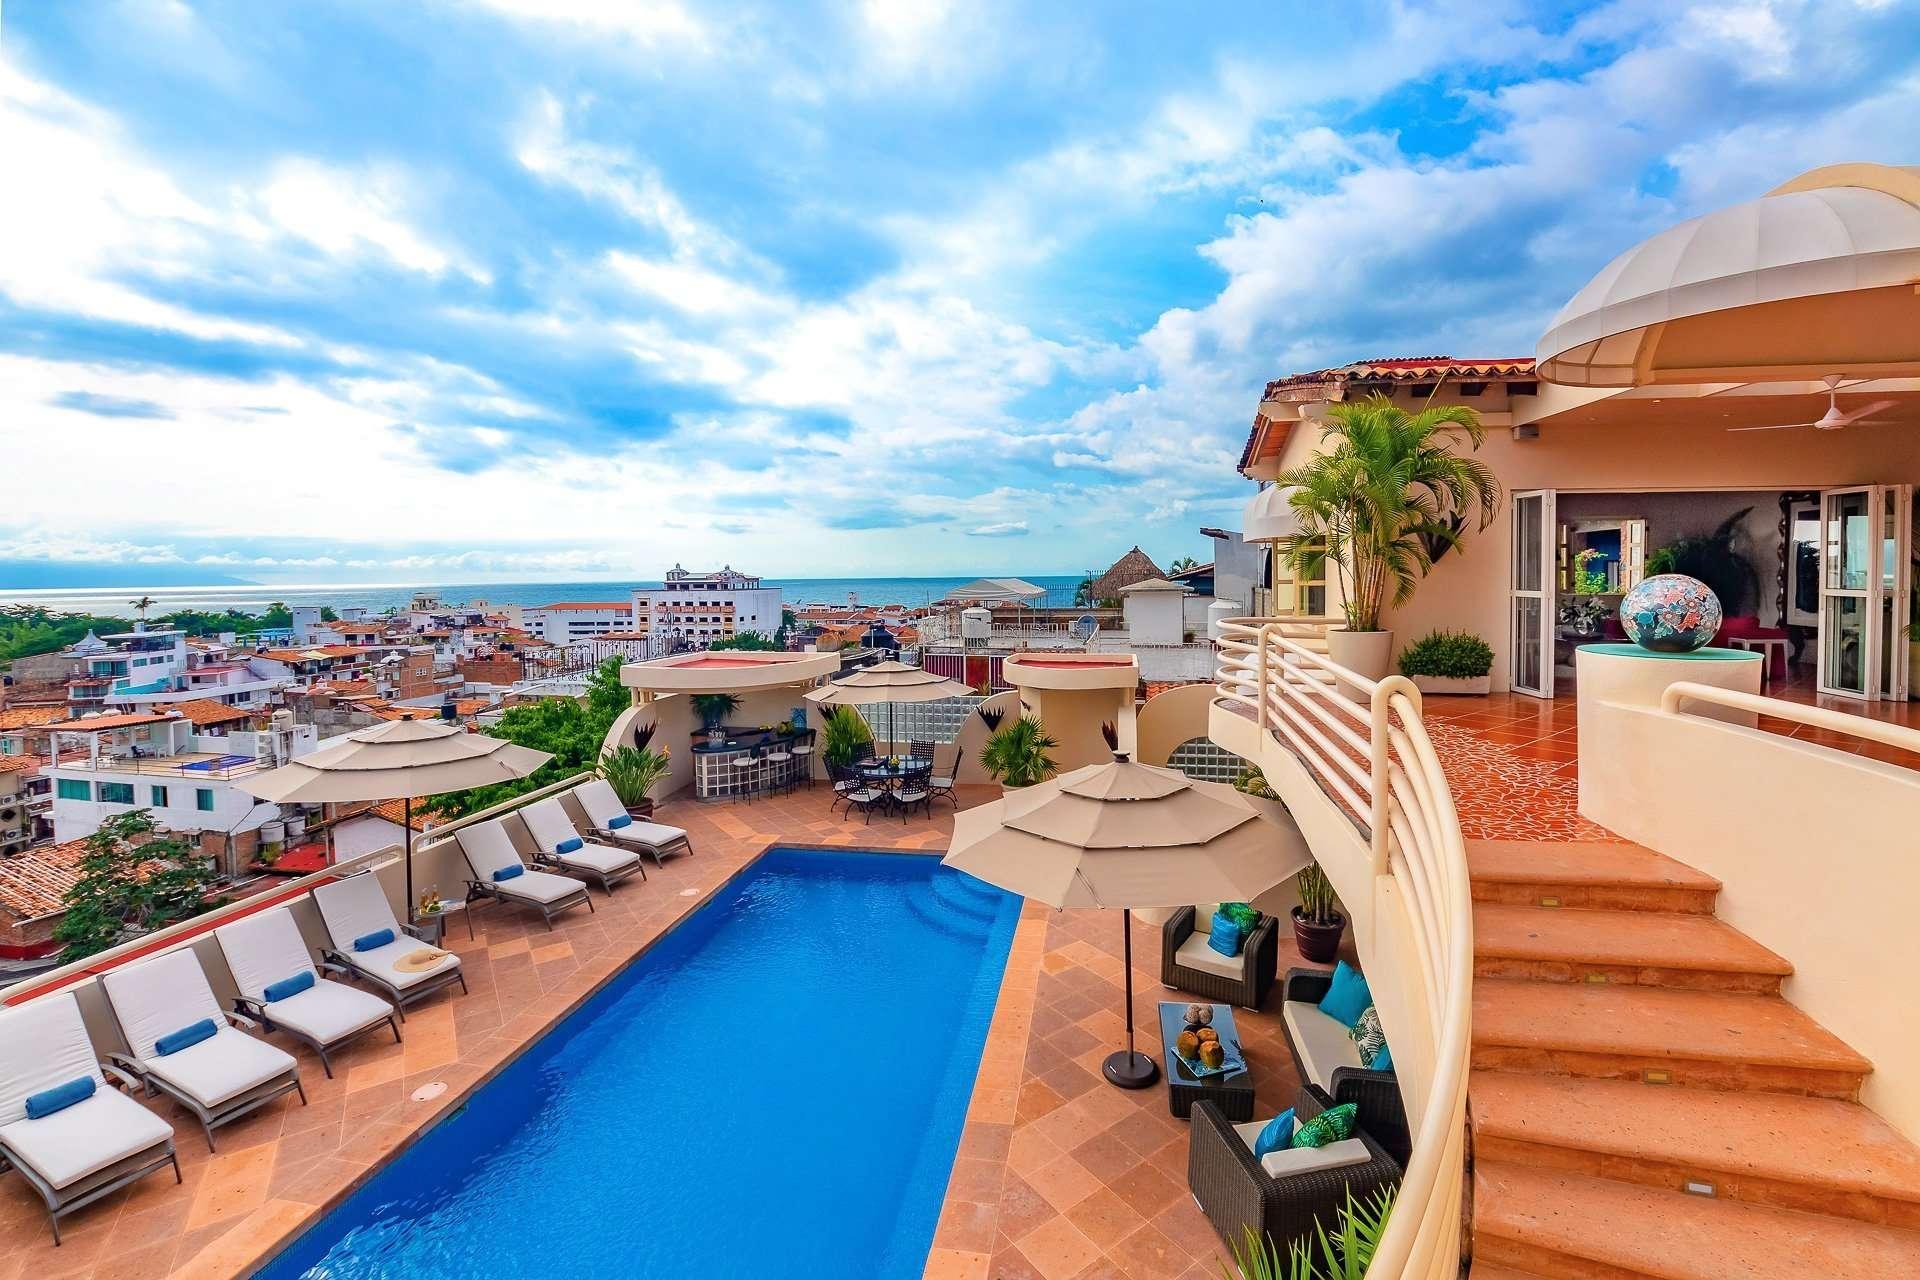 Luxury vacation rentals mexico - Puerto vallarta - Gringo gulch - No location 4 - Casa Tabachin - Image 1/38